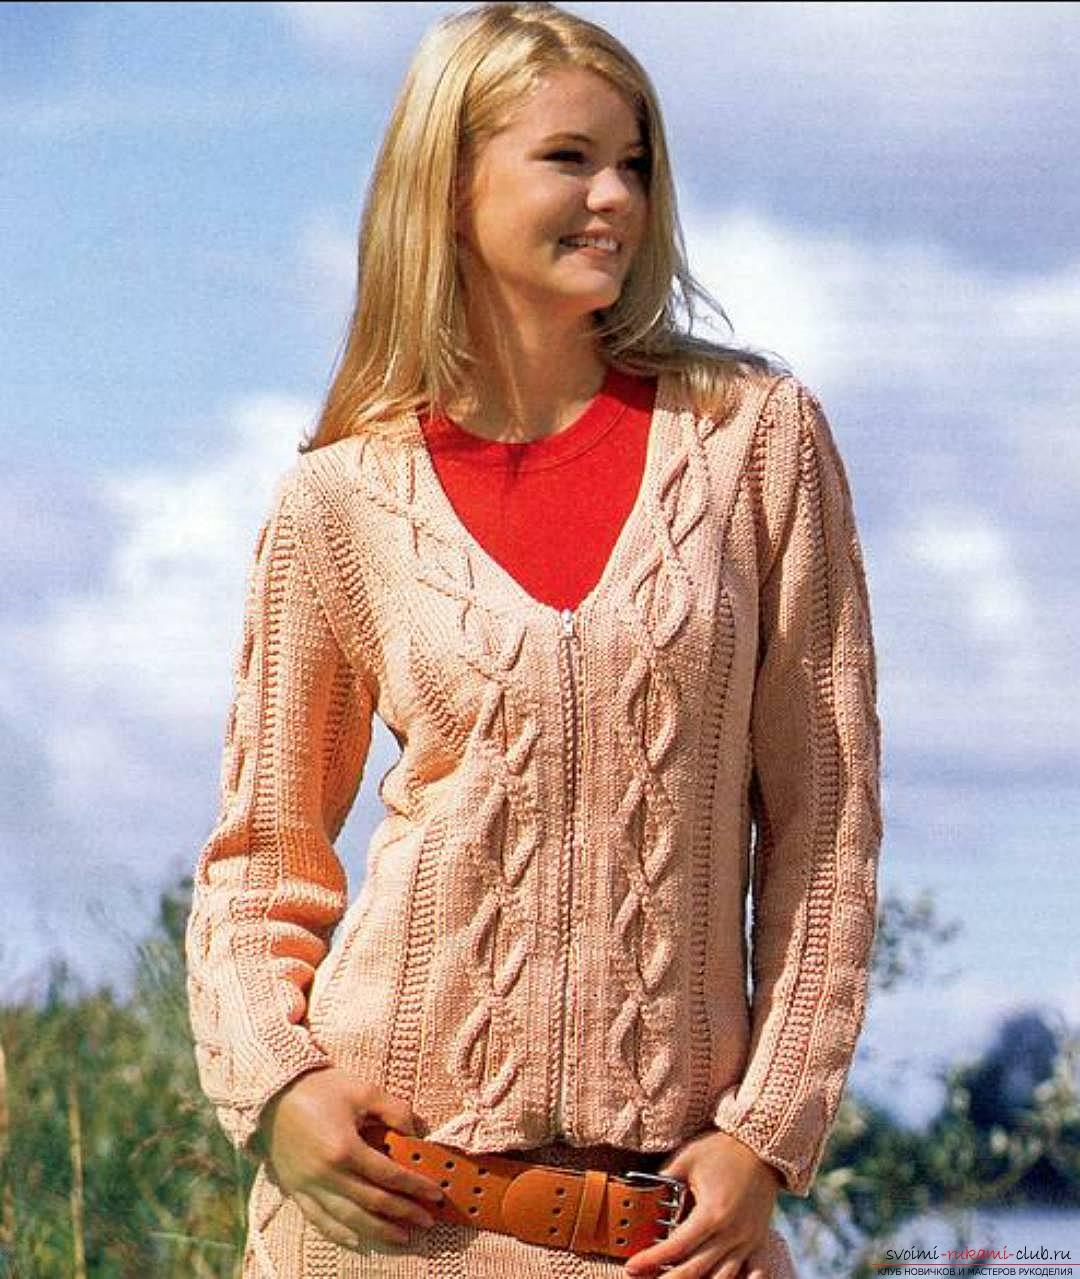 Какие модные вязаные кофты будут актуальными летом, осенью, весной и зимой 2015 года для женщин всех возрастов